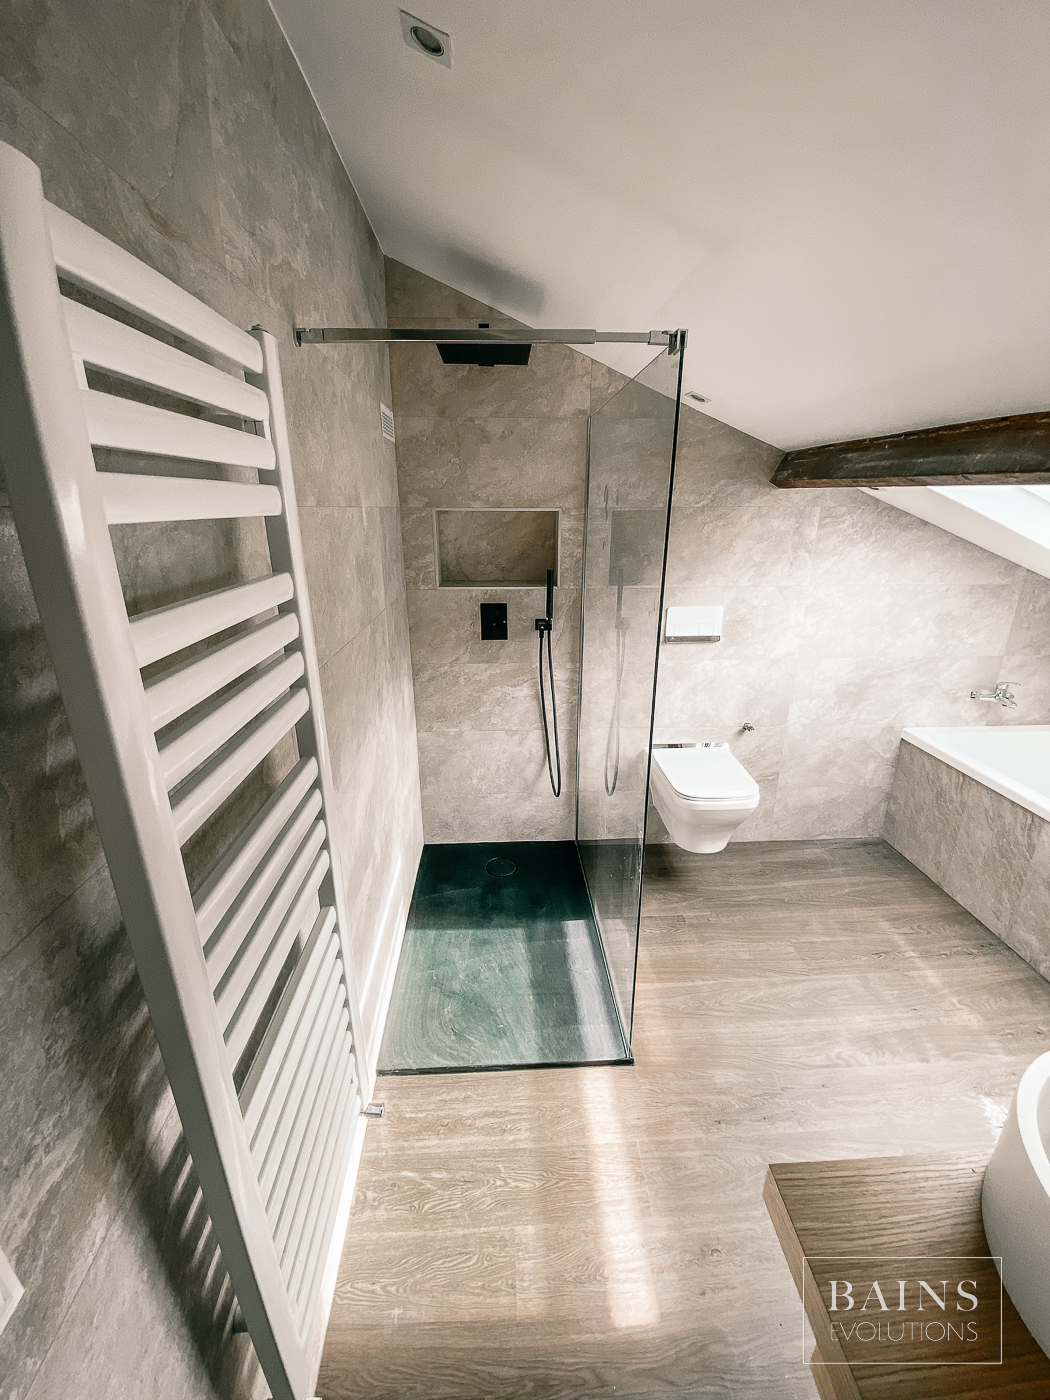 Salle-de-bain 91 - Rénovation - Sols Céramique bois - Murs céramique pierre grise claire